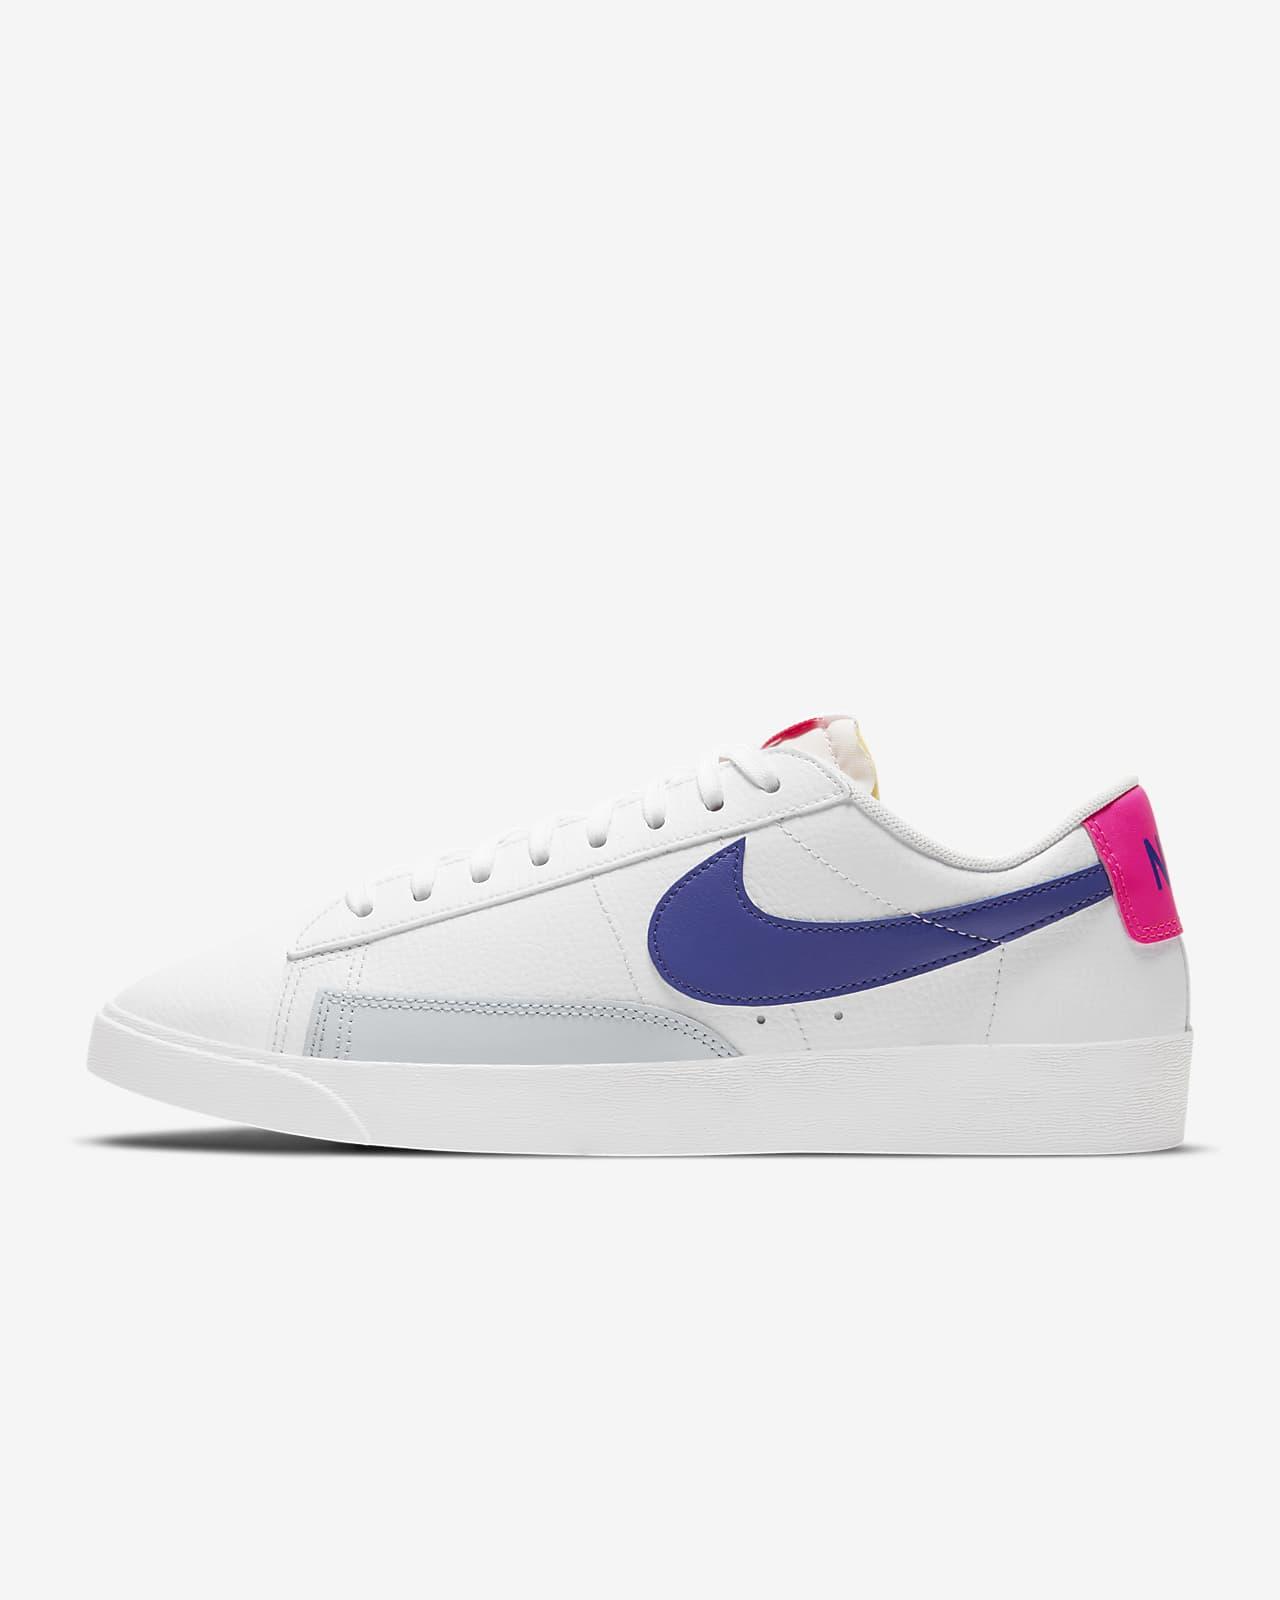 Nike Blazer Low Damenschuh